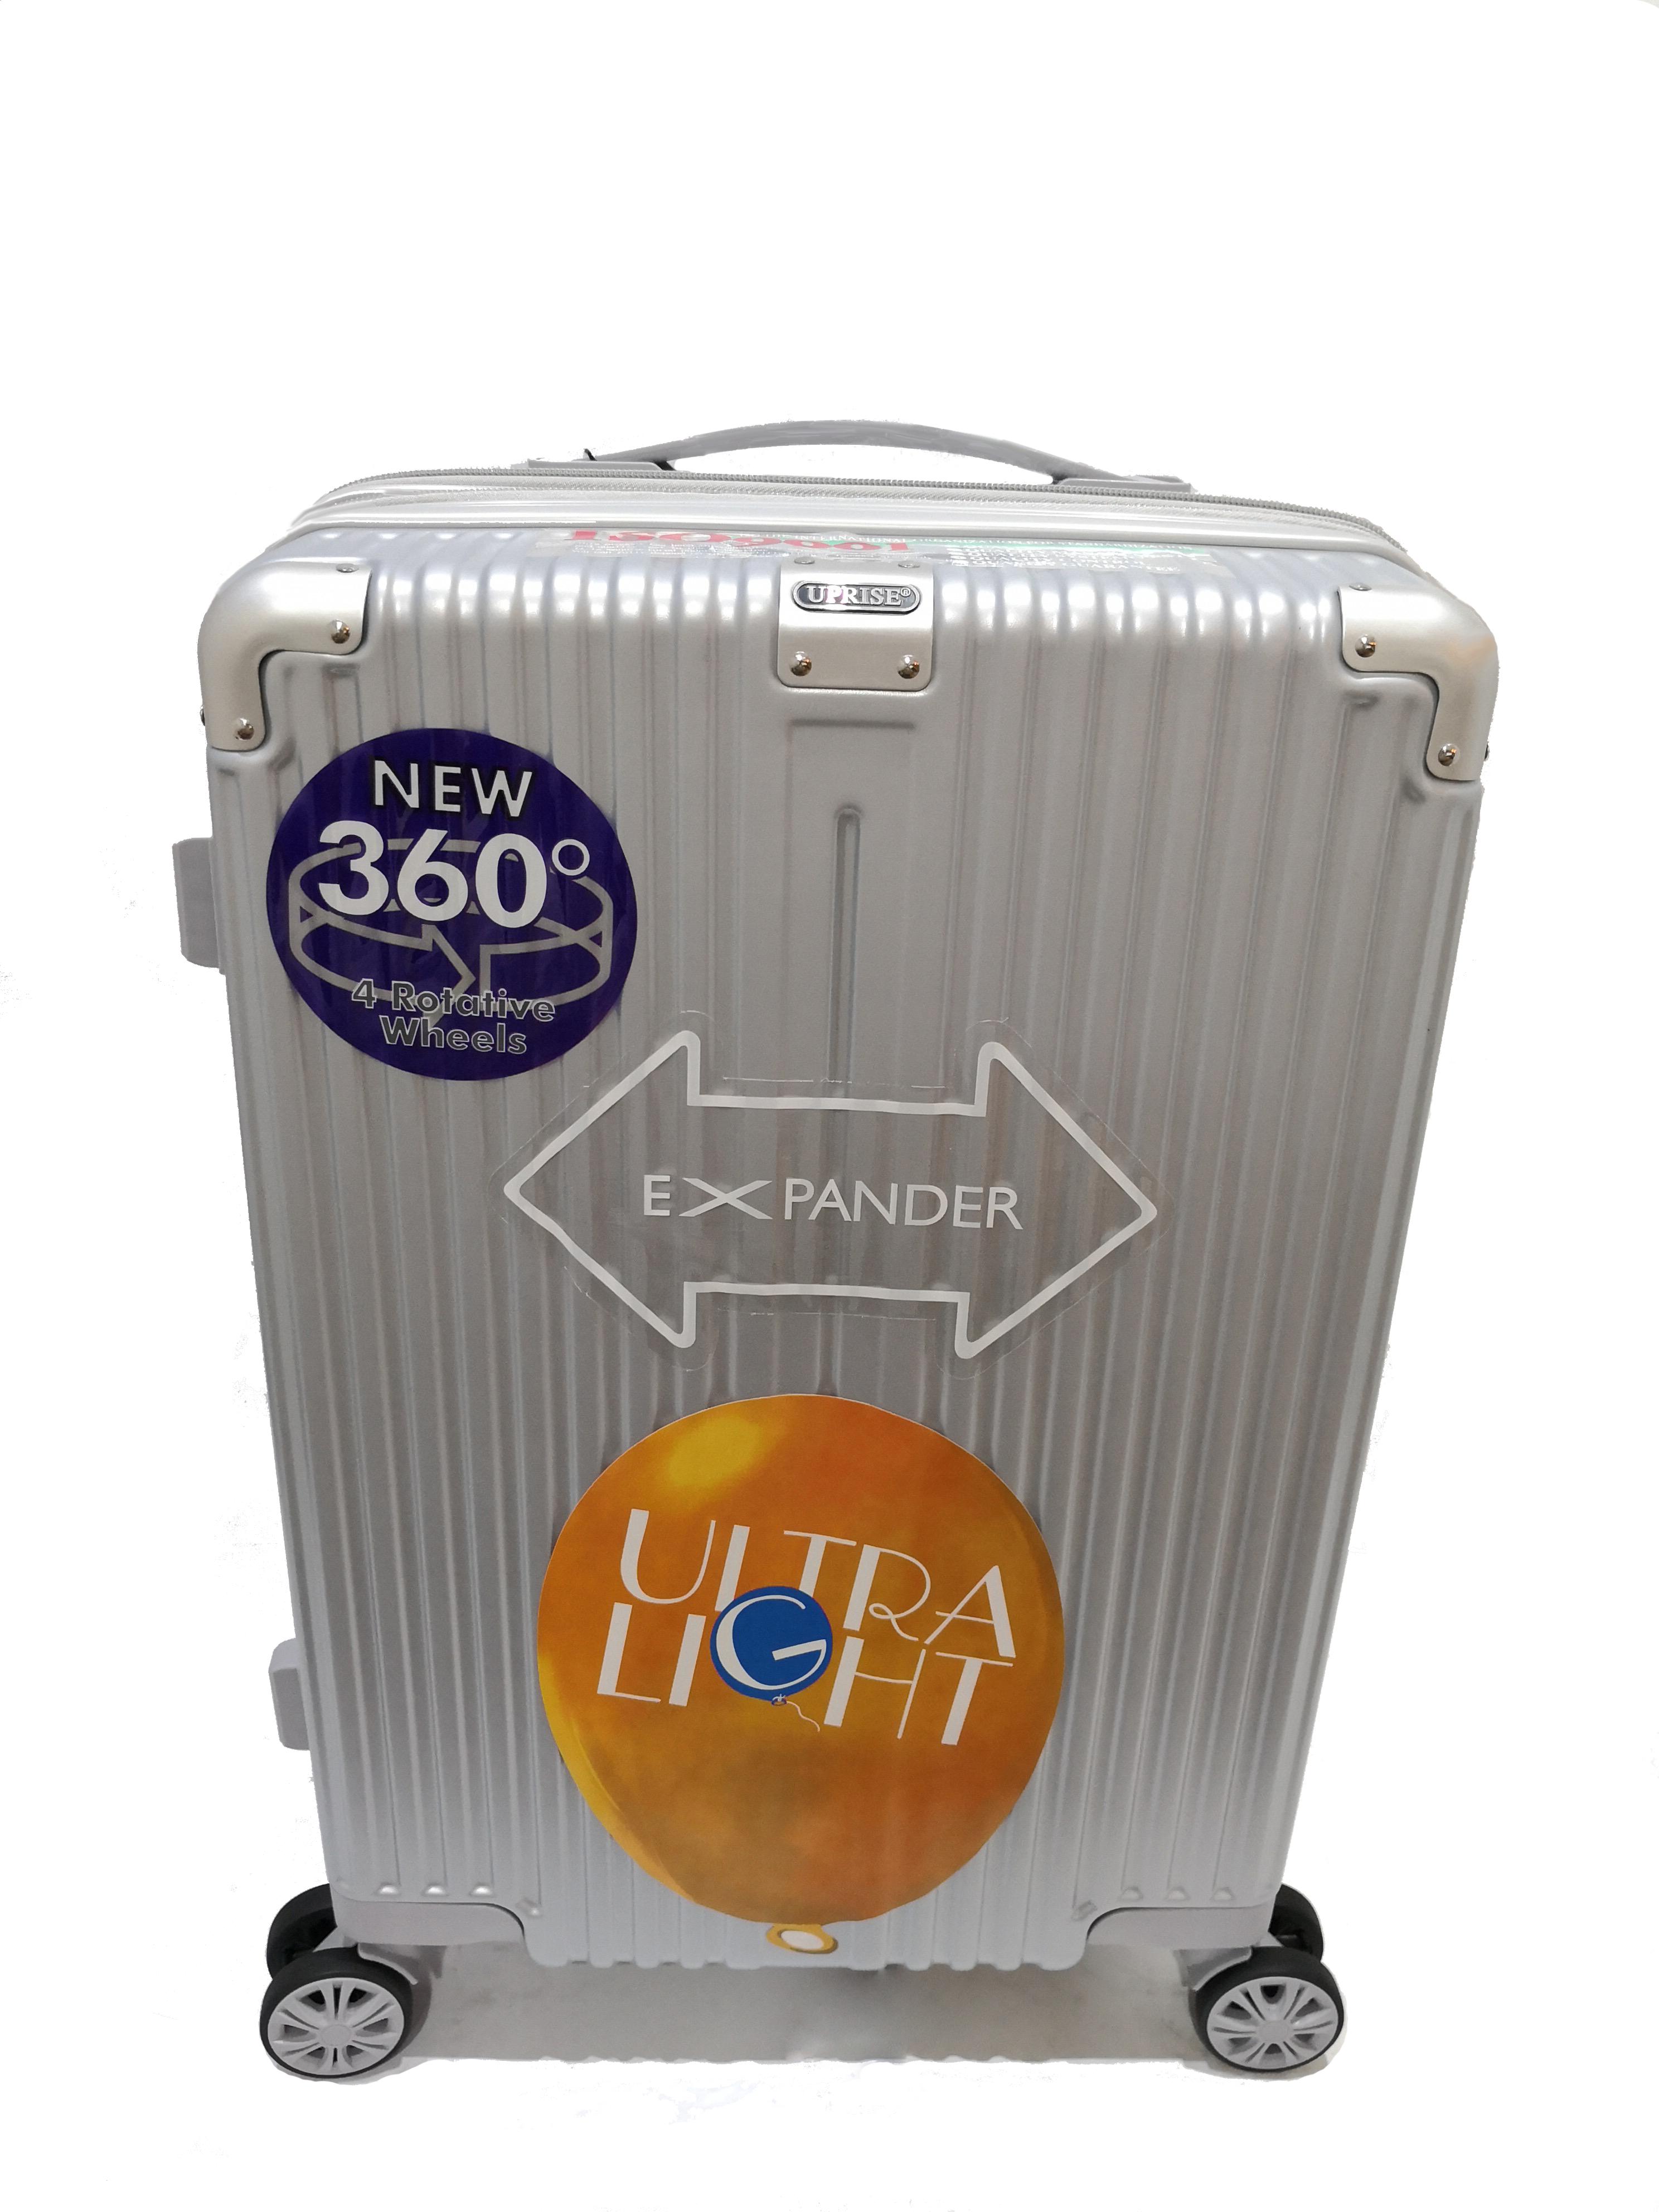 กระเป๋าเดินทางรหัส 1240 ขนาด 24 นิ้ว สีเงิน